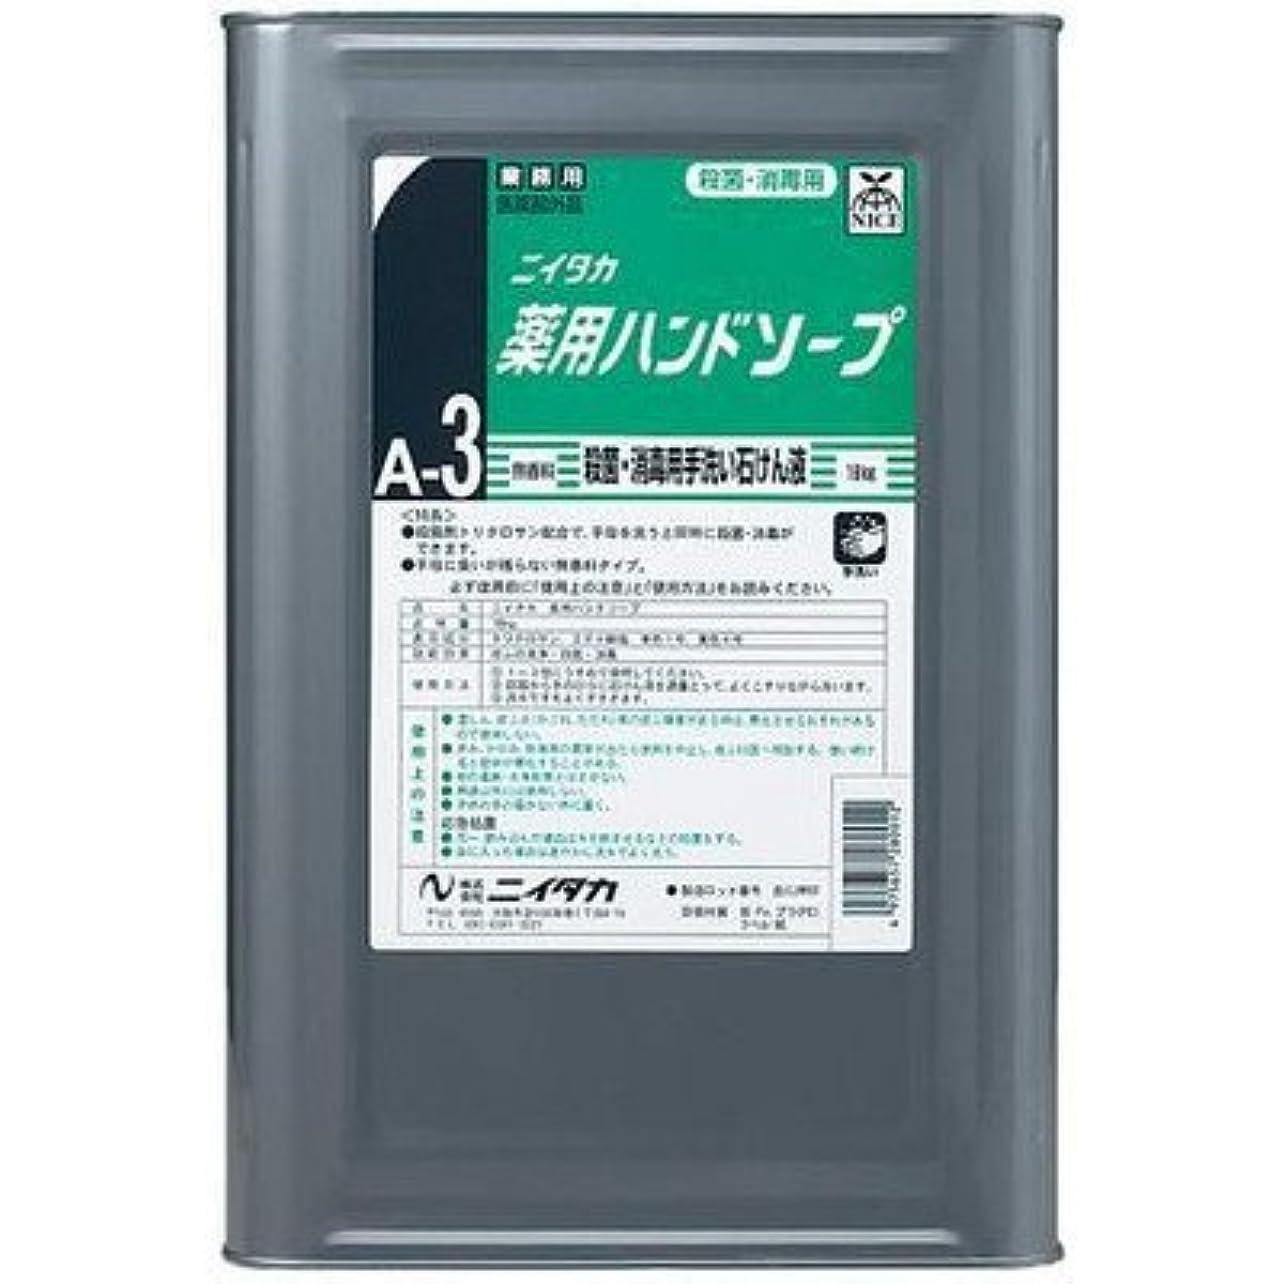 ズームインするバルーンファランクスニイタカ 業務用手洗い石けん液 薬用ハンドソープ(A-3) 18kg×1本